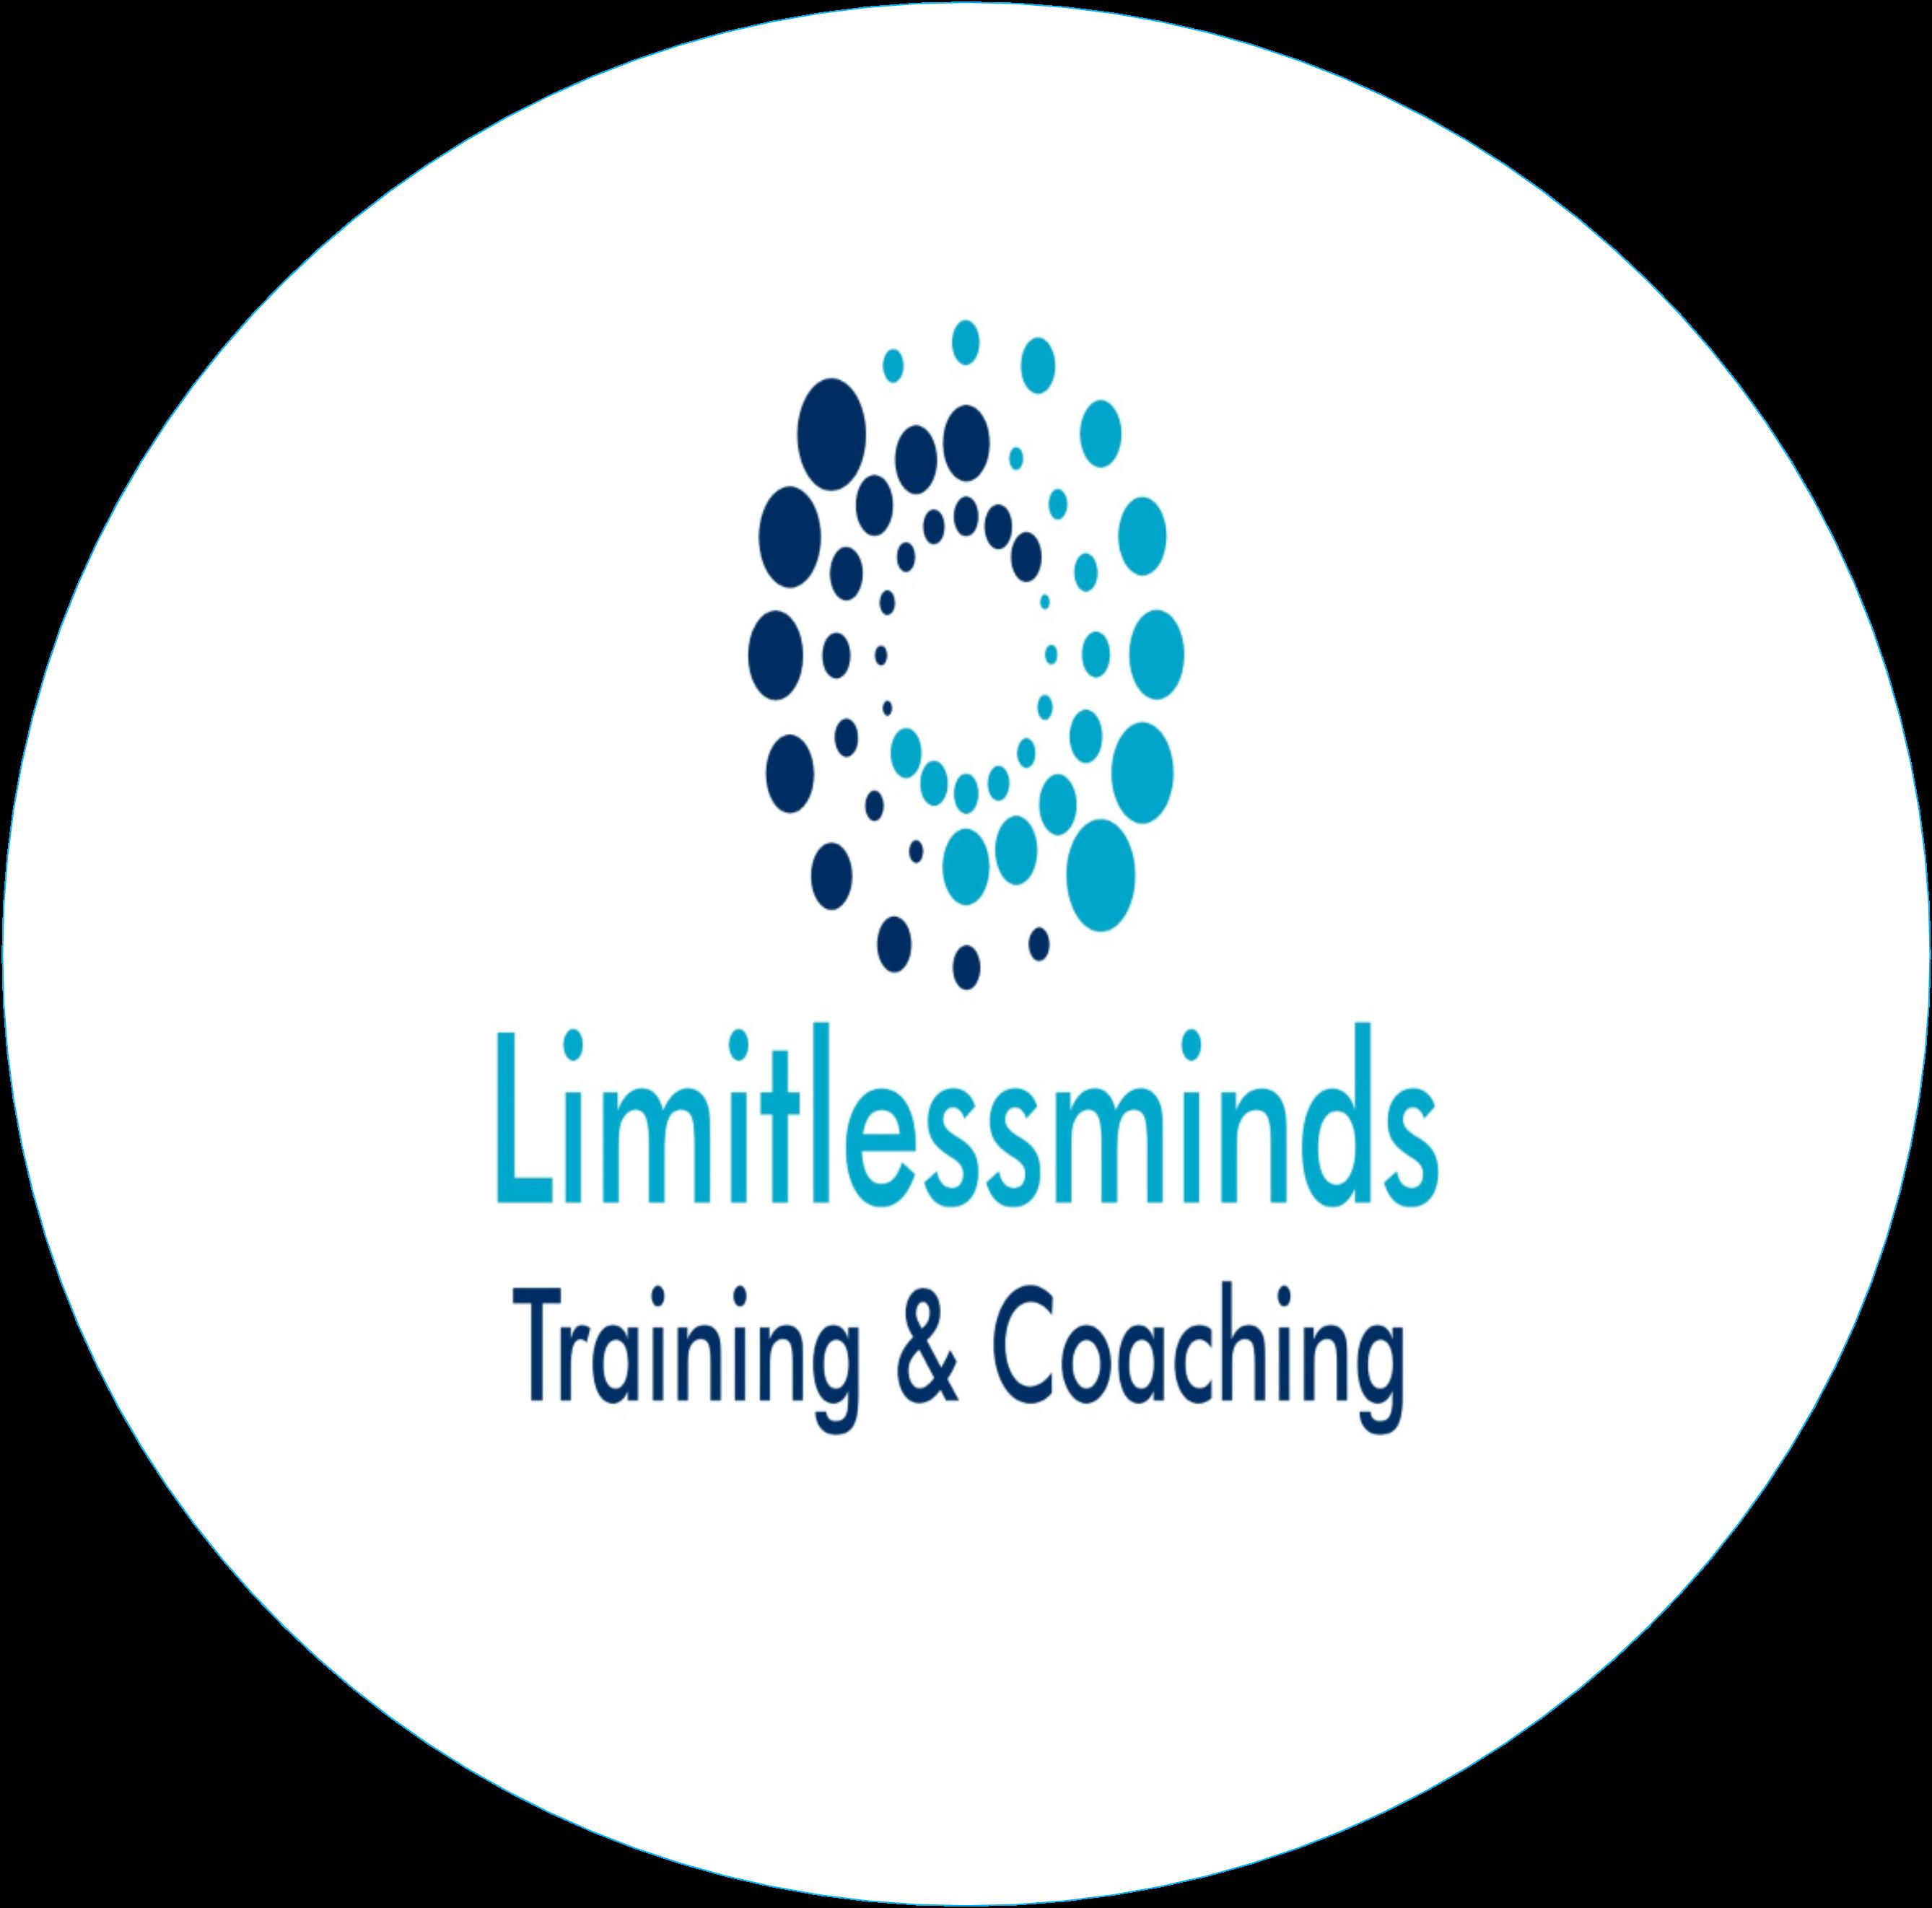 Limitlessminds Training & Coaching